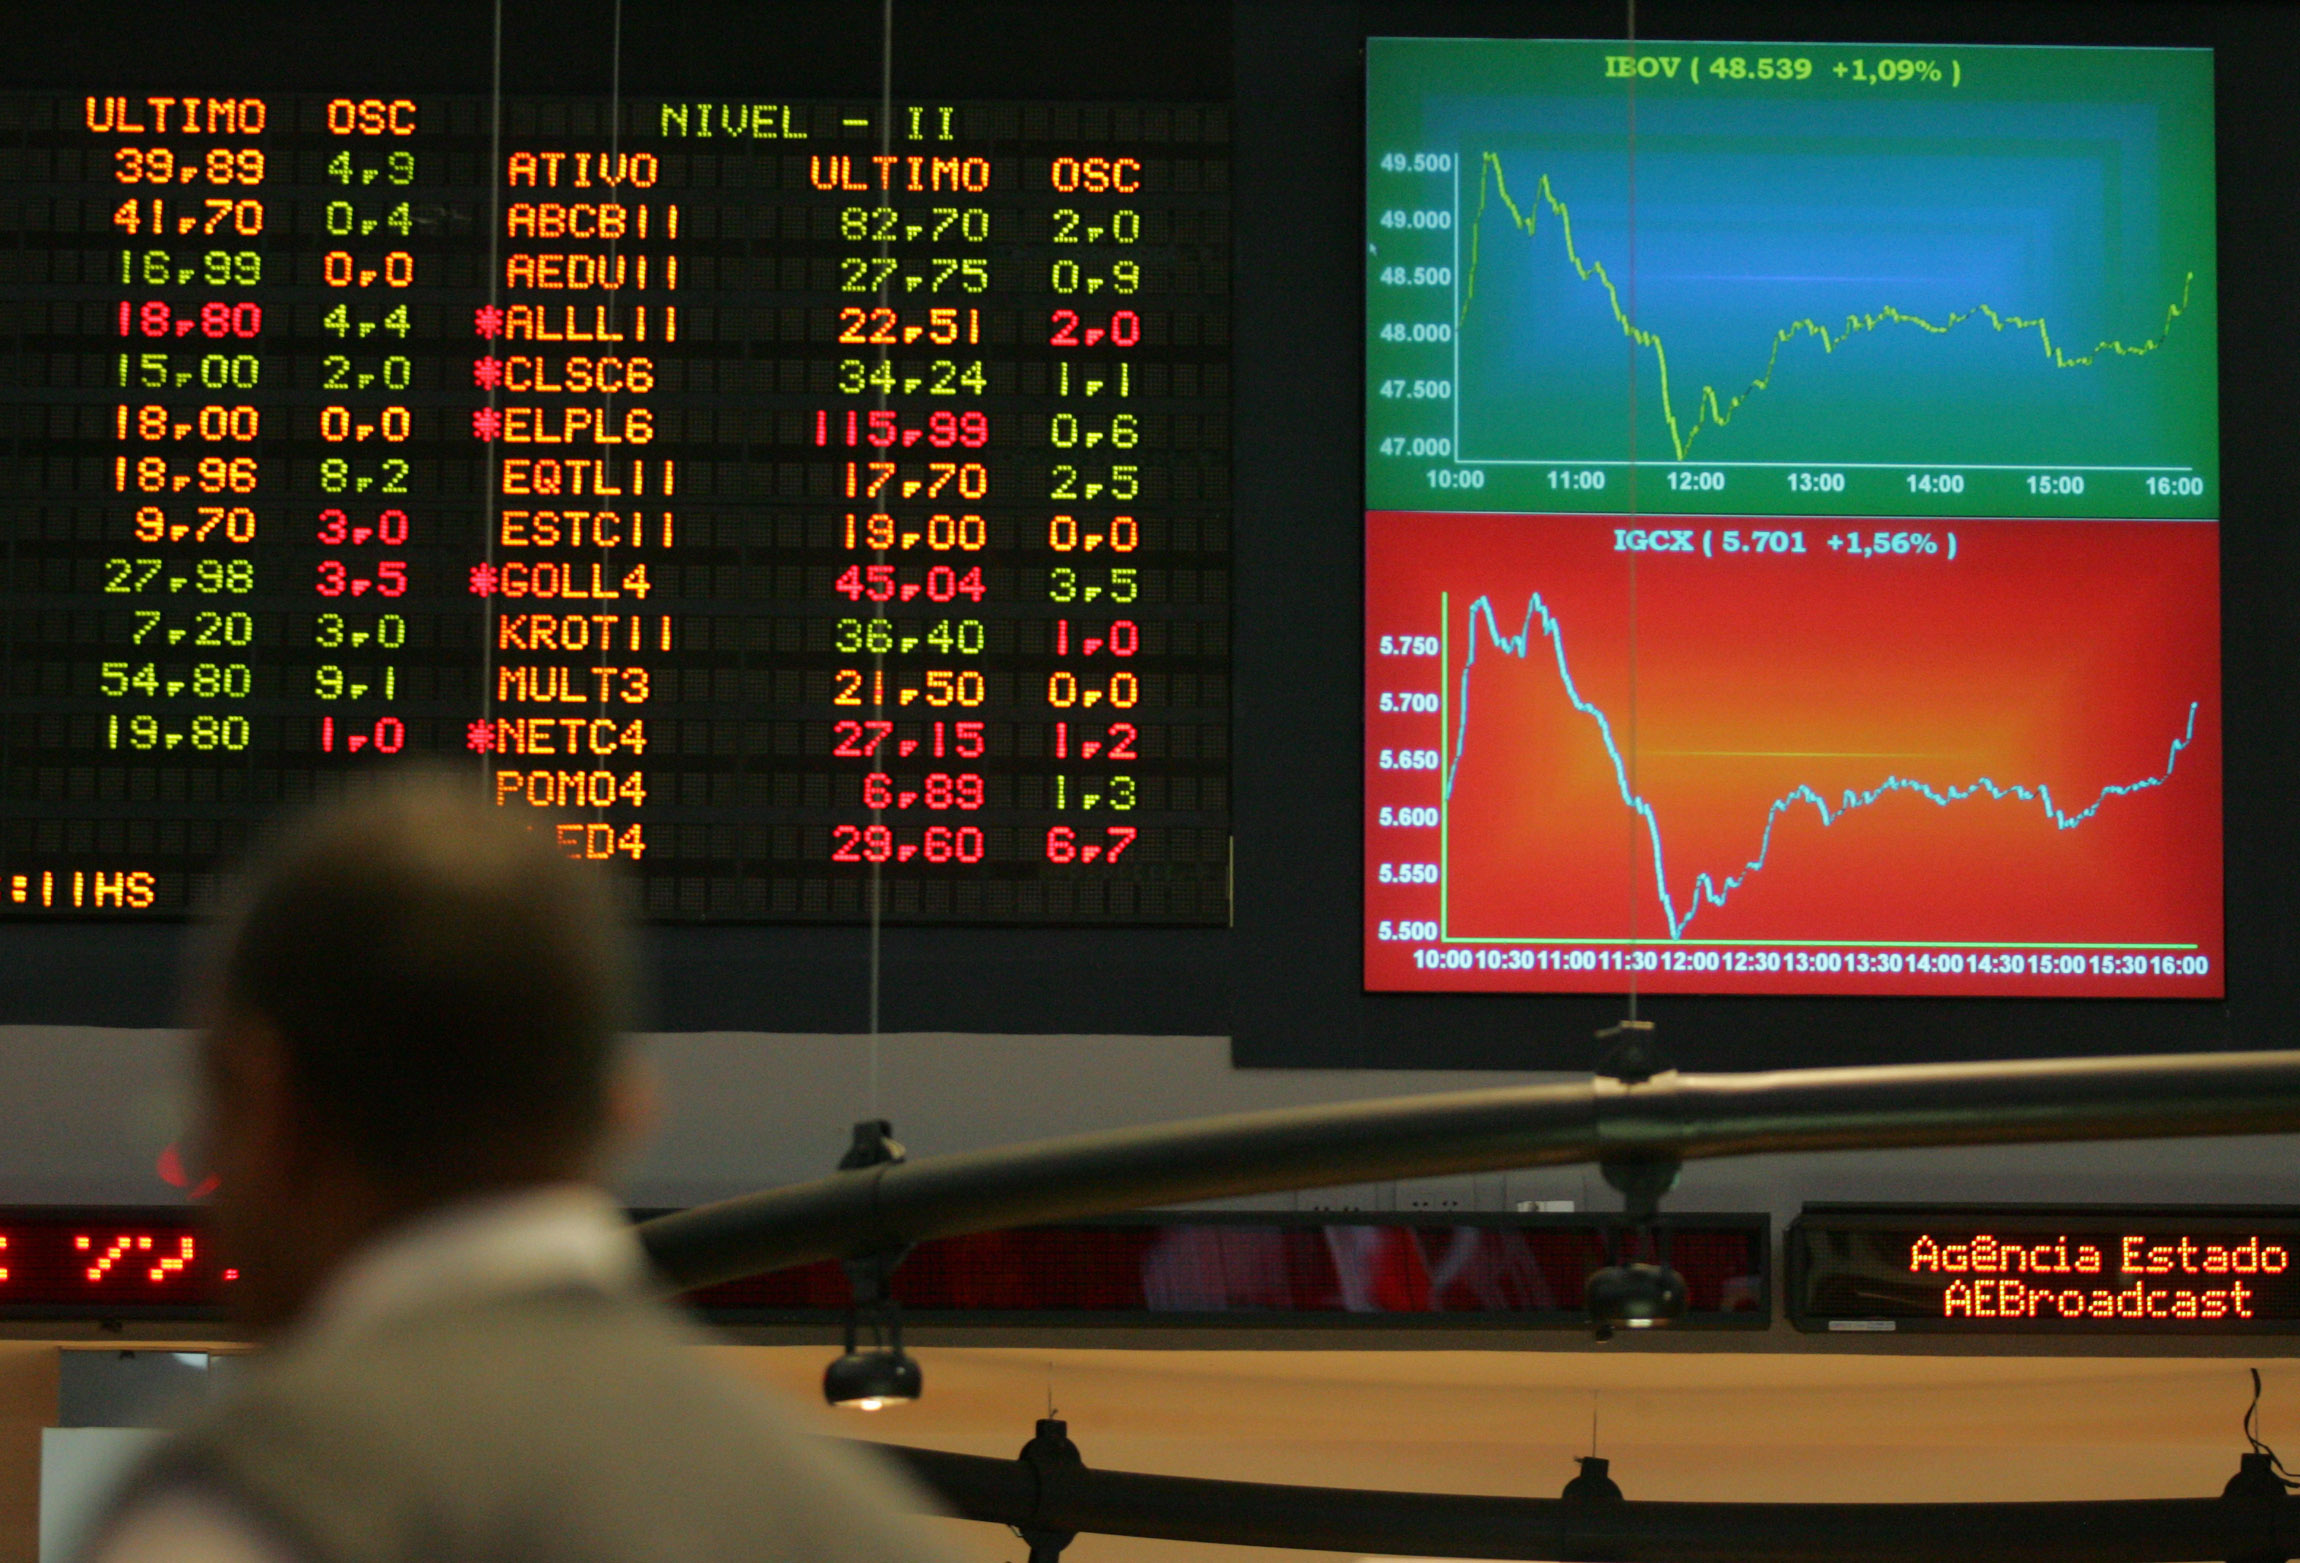 Entenda como Ganhar Dinheiro Investindo na Bolsa de Valores